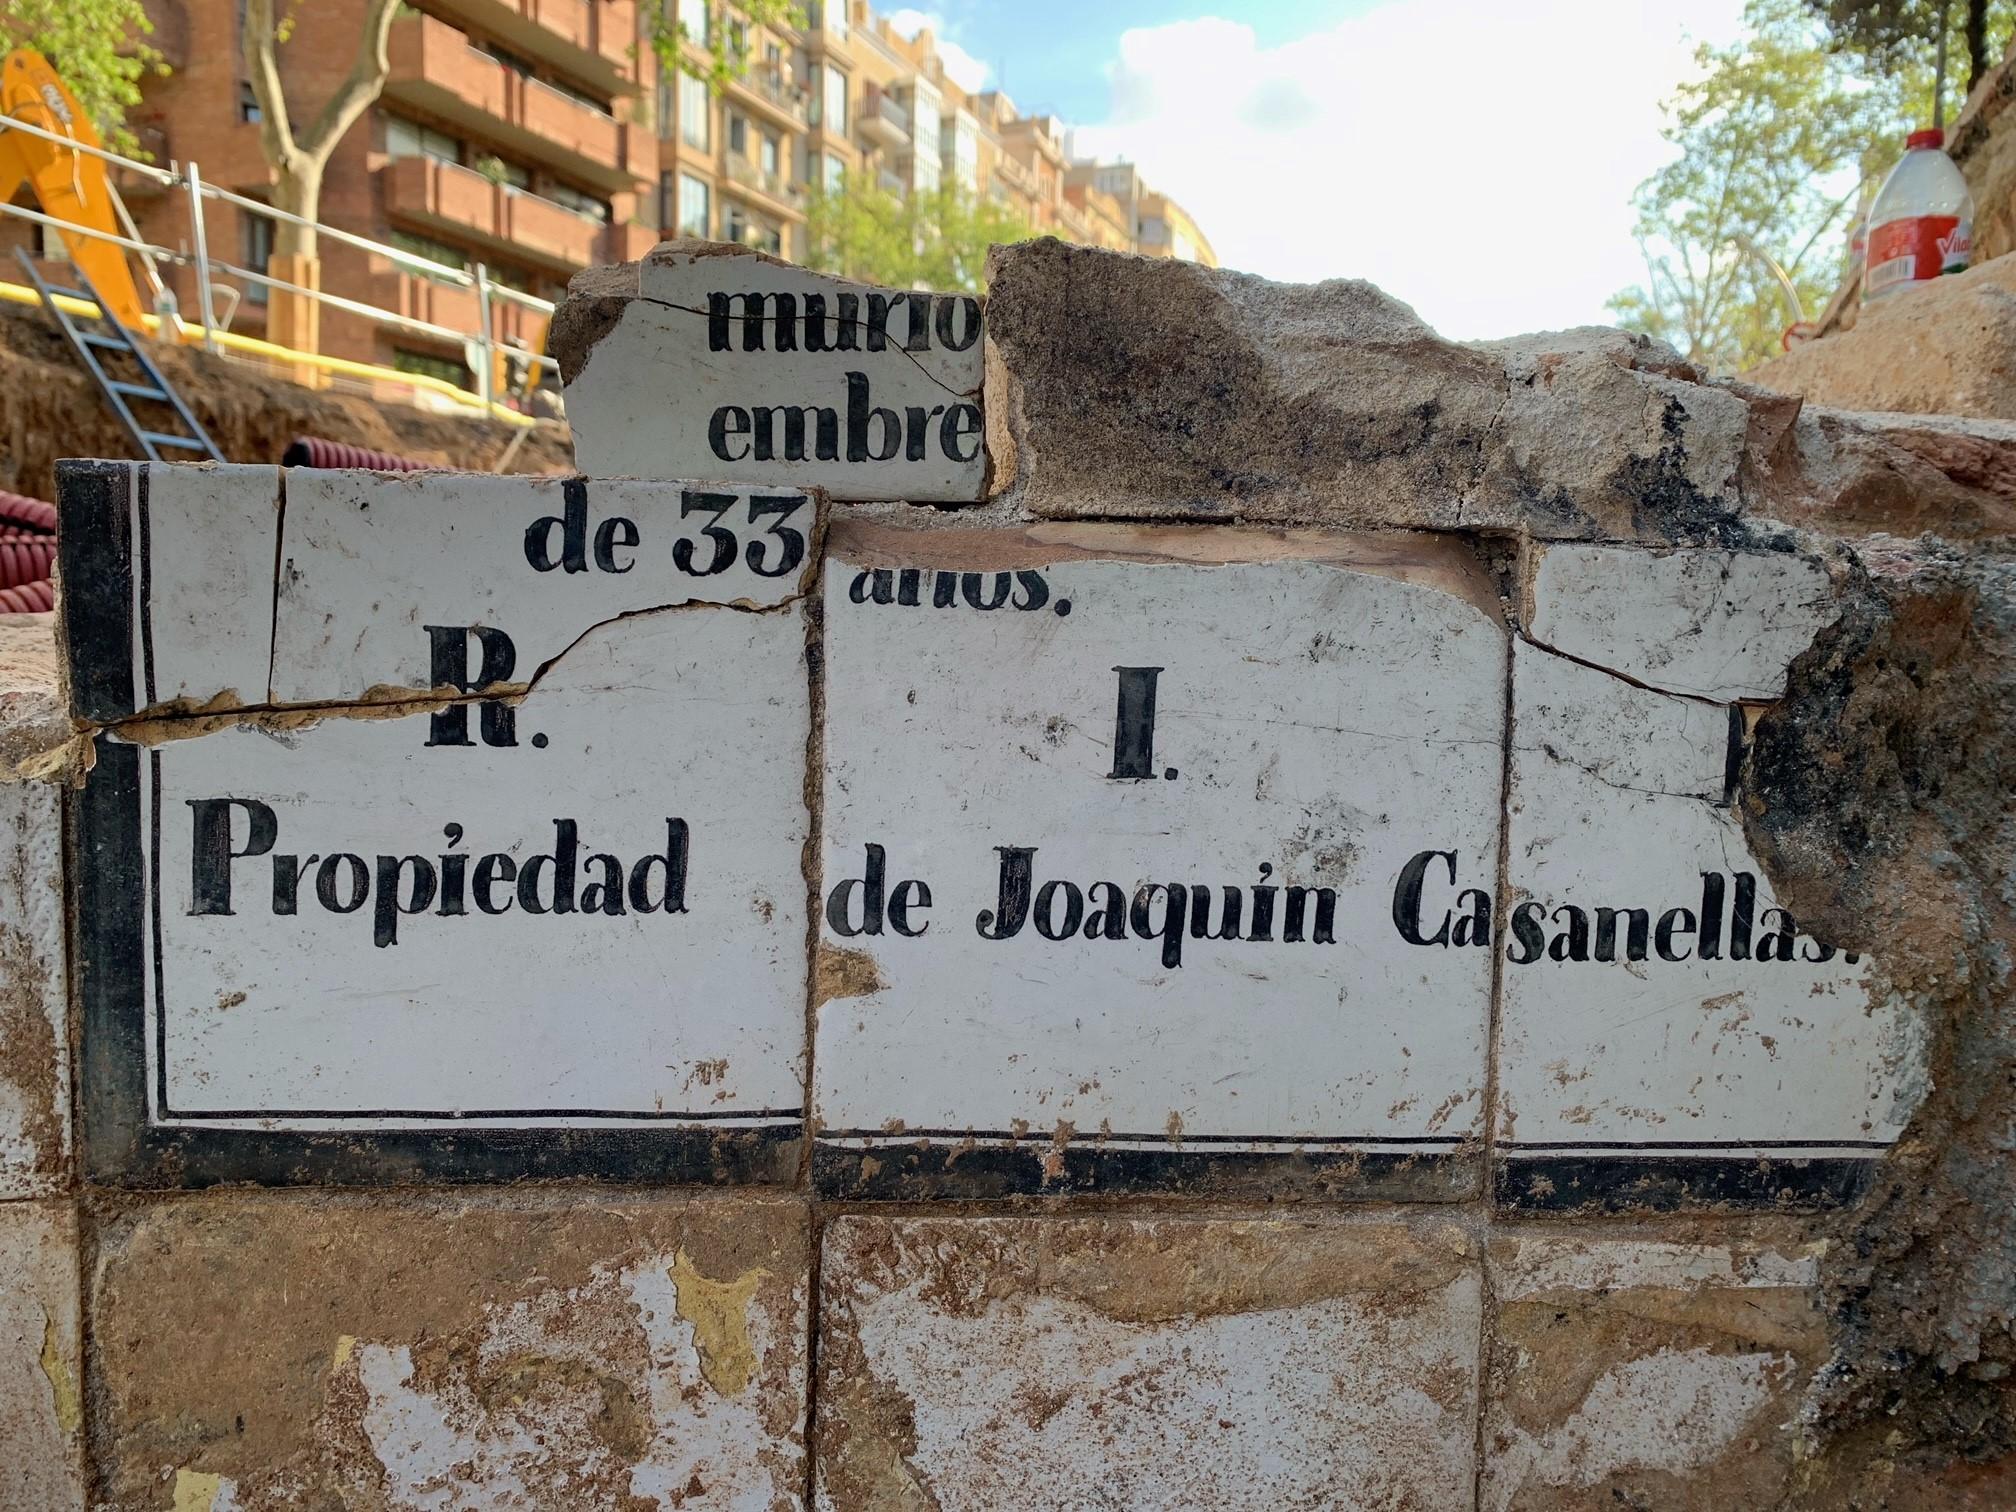 """Inscripció en negre sobre fons d'esmalt blanc, relacionada amb la defunció d'un individu """".....murio (data).... (septi/novi/dici)embre ...(a la edad) de 33 años. R.i.P. Propiedad de Joaquin Casanellas"""". (Fotografia: Miriam Esqué)"""